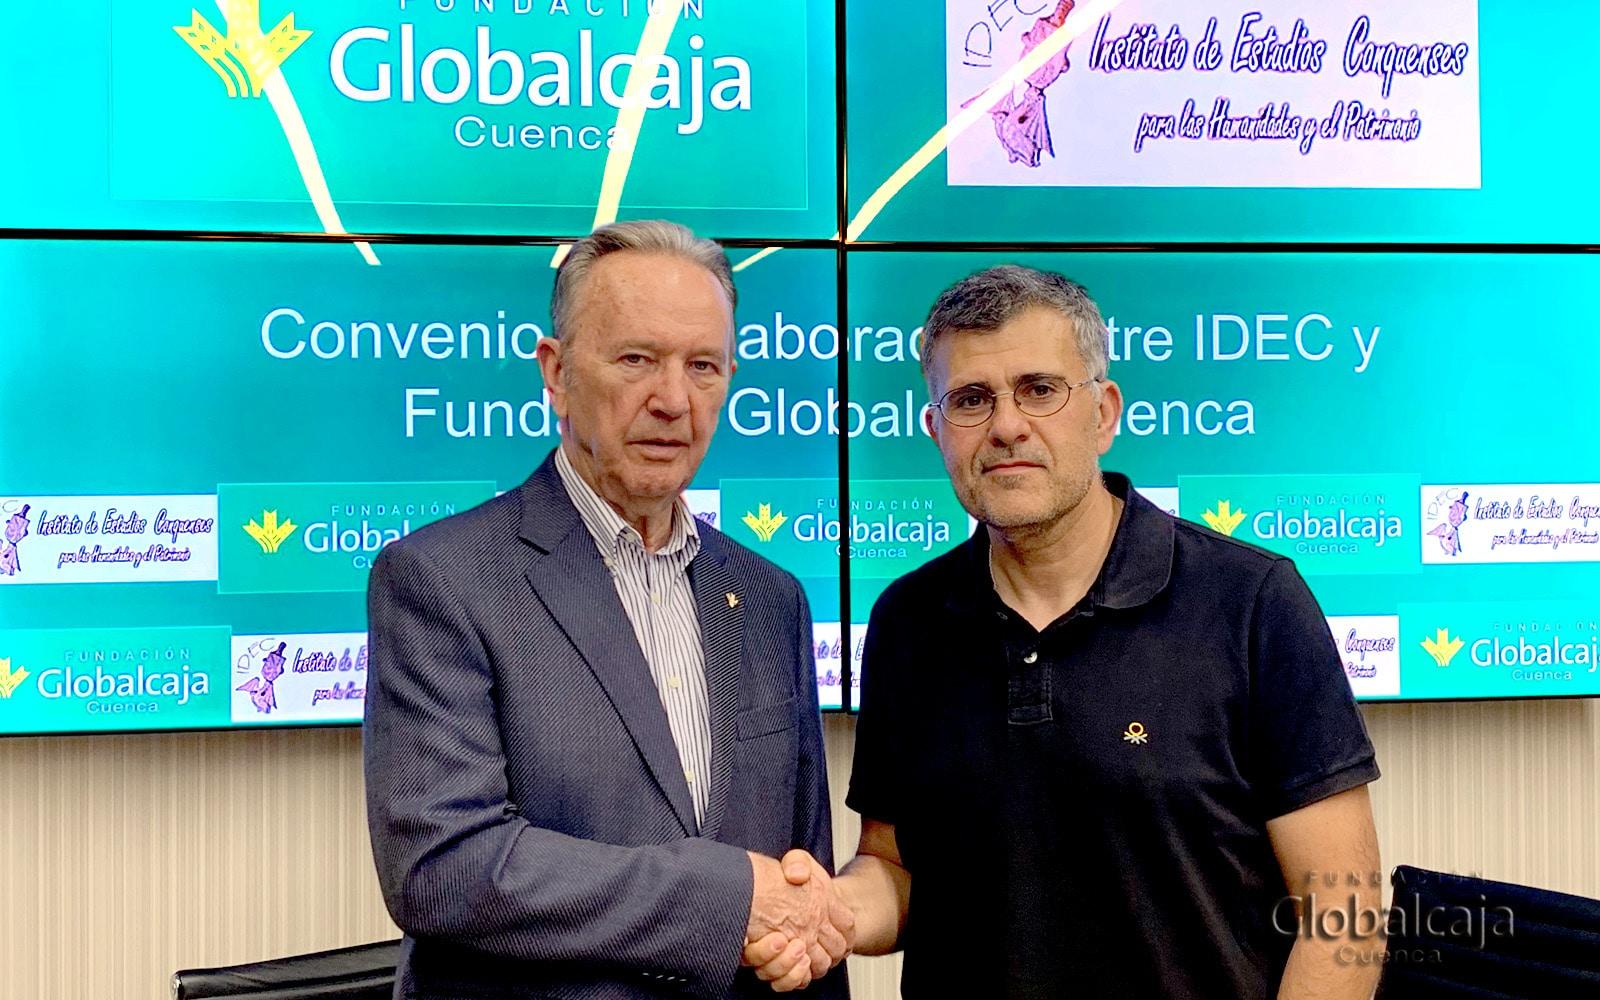 https://blog.globalcaja.es/wp-content/uploads/2019/07/La-Fundación-Globalcaja-Cuenca-y-el-IDEC-renuevan-su-colaboración.jpg